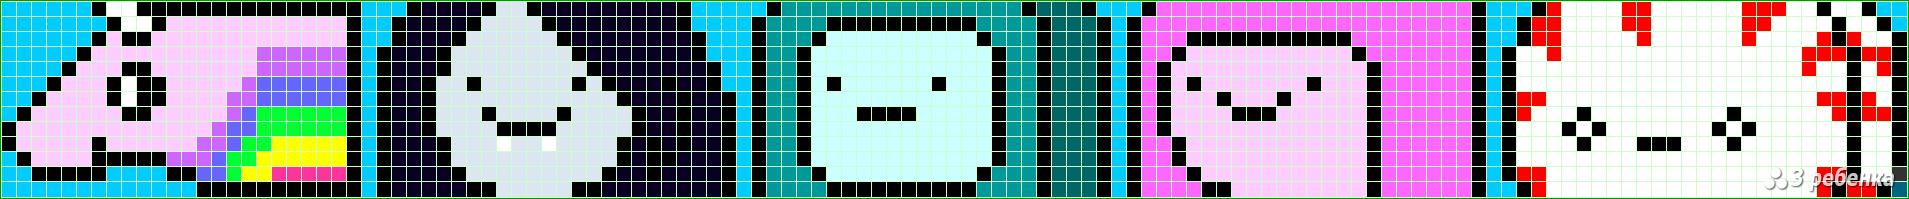 Схемы для прямого плетения фенечек время приключений